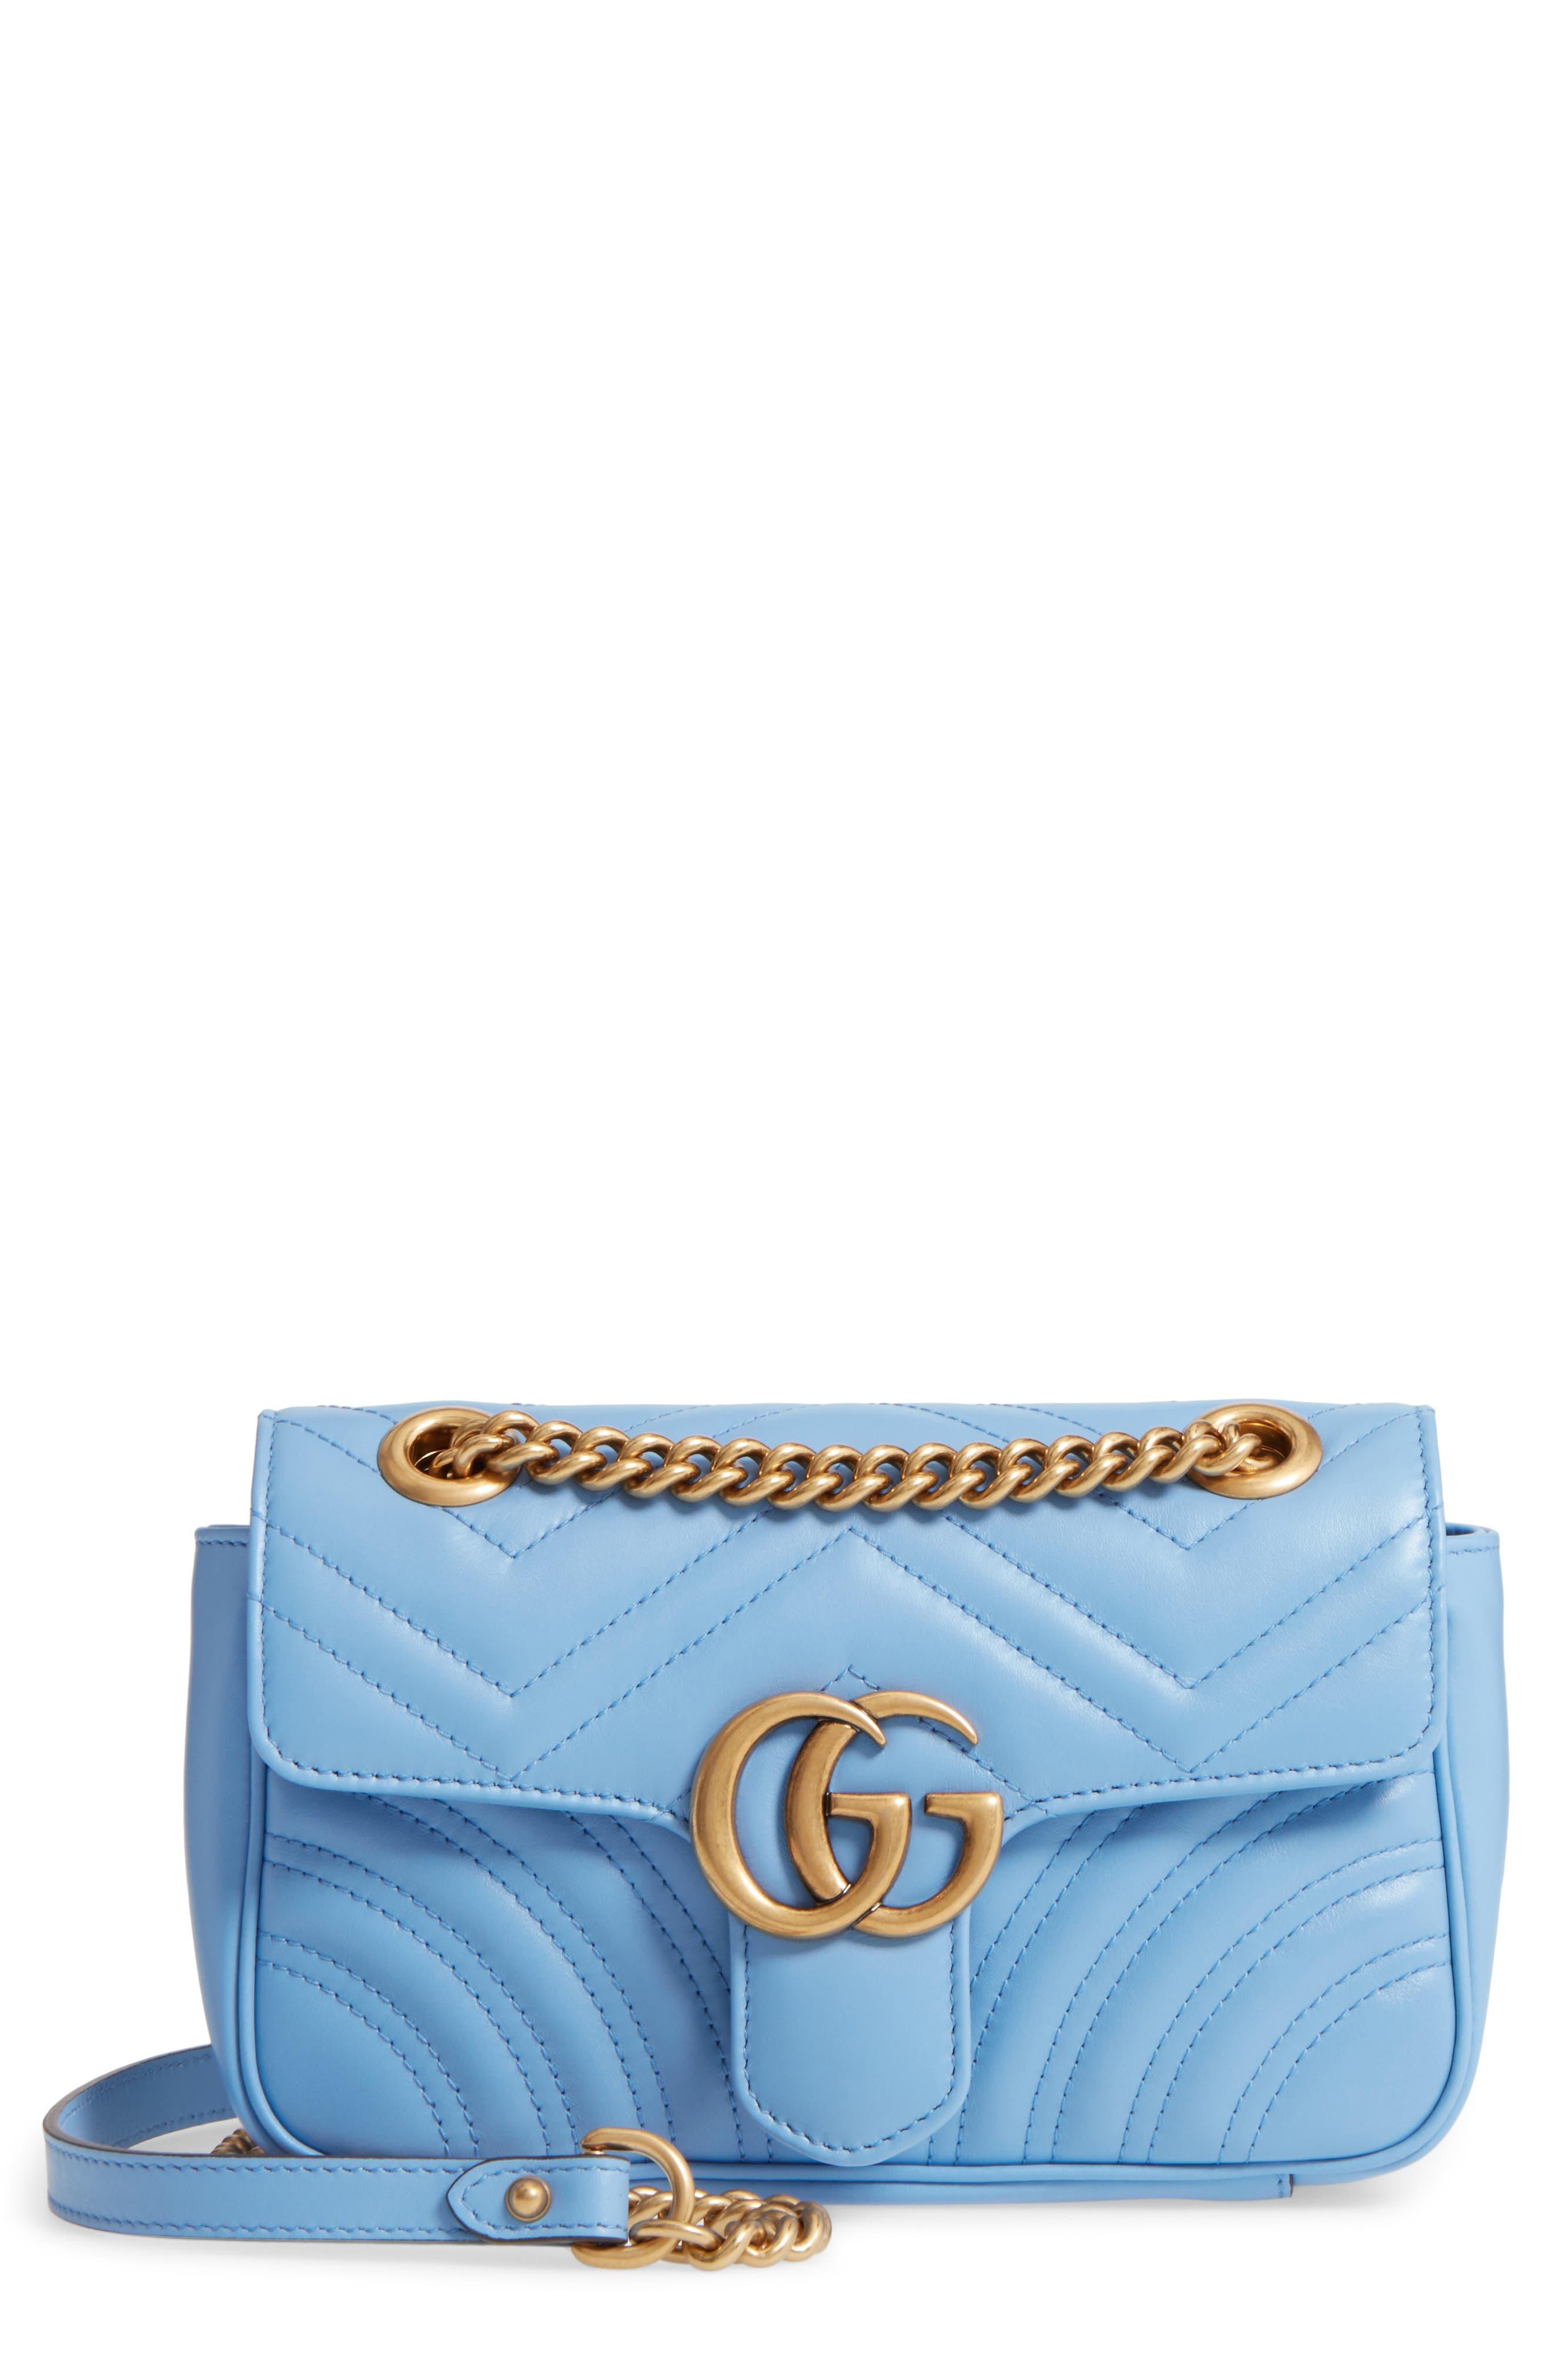 Mini GG Marmont 2.0 Matelassé Leather Shoulder Bag,                             Main thumbnail 1, color,                             452